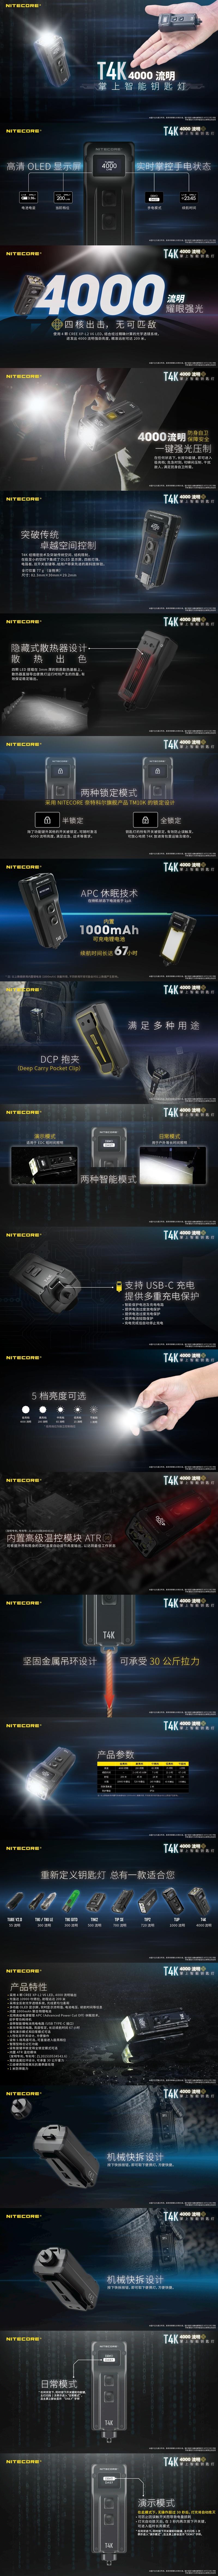 1.錸特光電 台灣總代理 NITECORE T4K 4000流明  OLED 螢幕 液晶顯示 EDC 手電筒 USB充電 Type C 手電筒專賣店